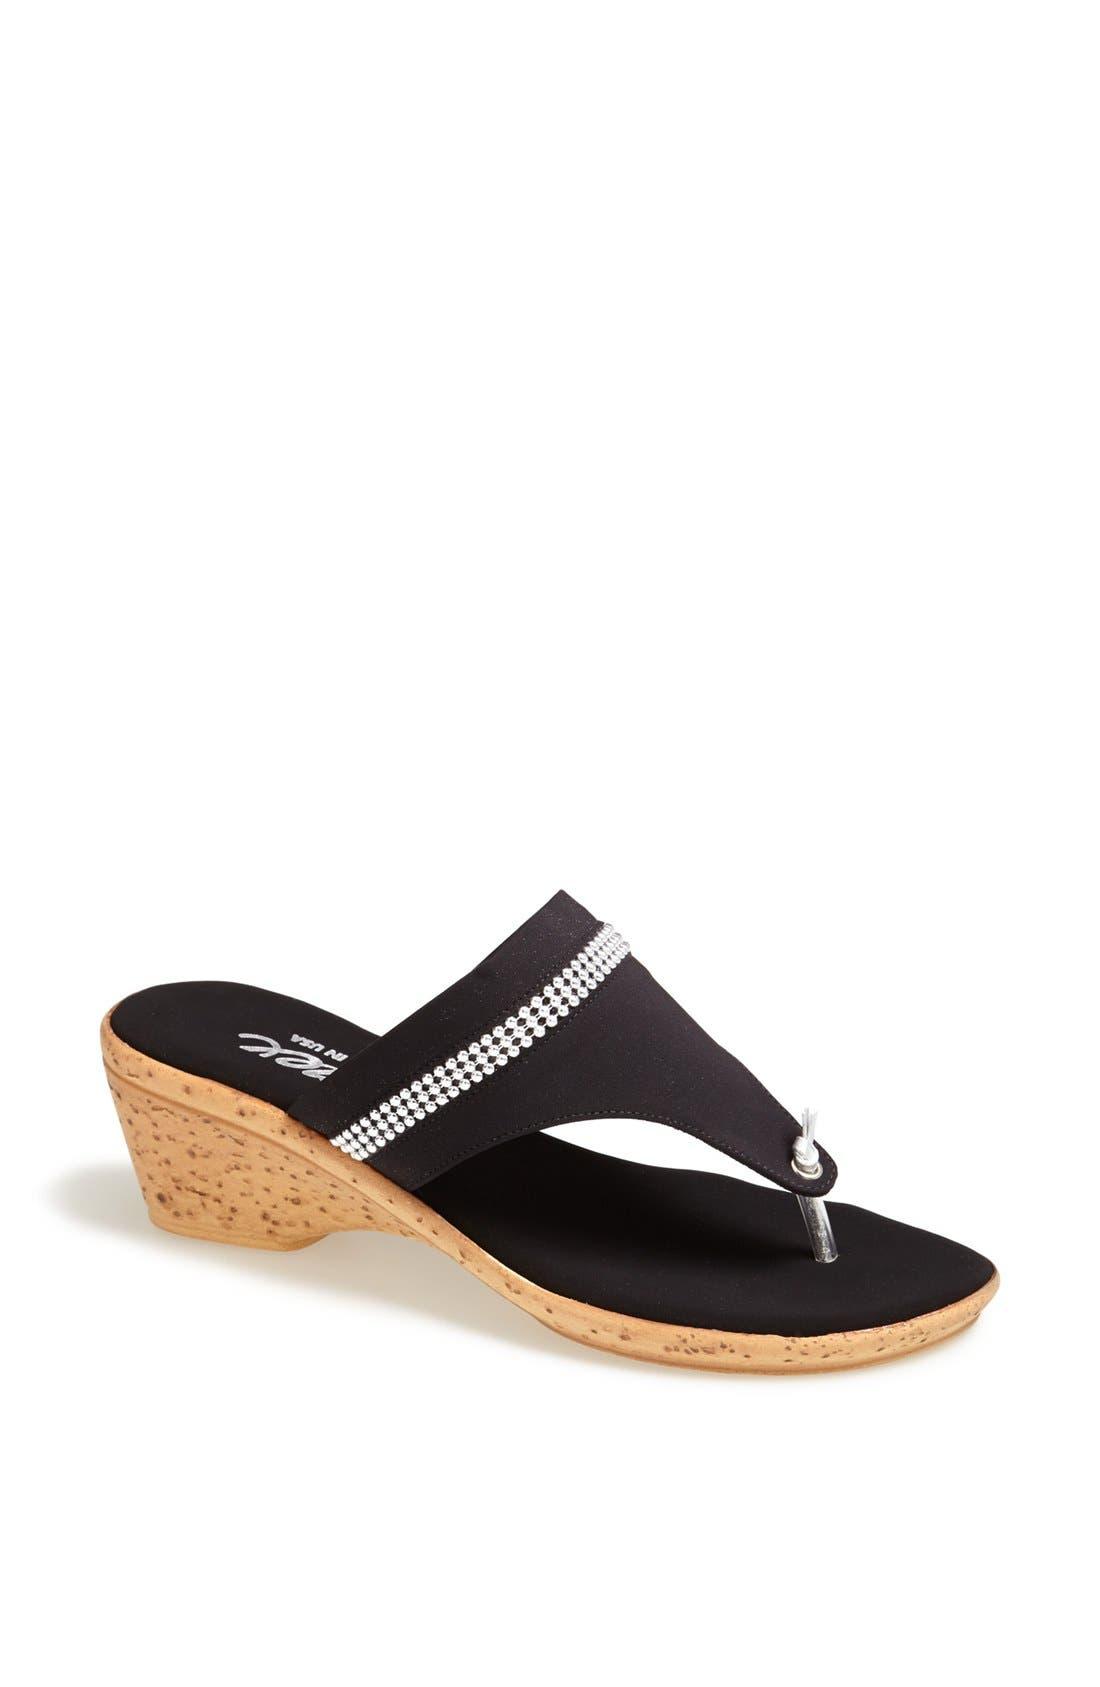 Main Image - Onex 'Tory' Wedge Sandal